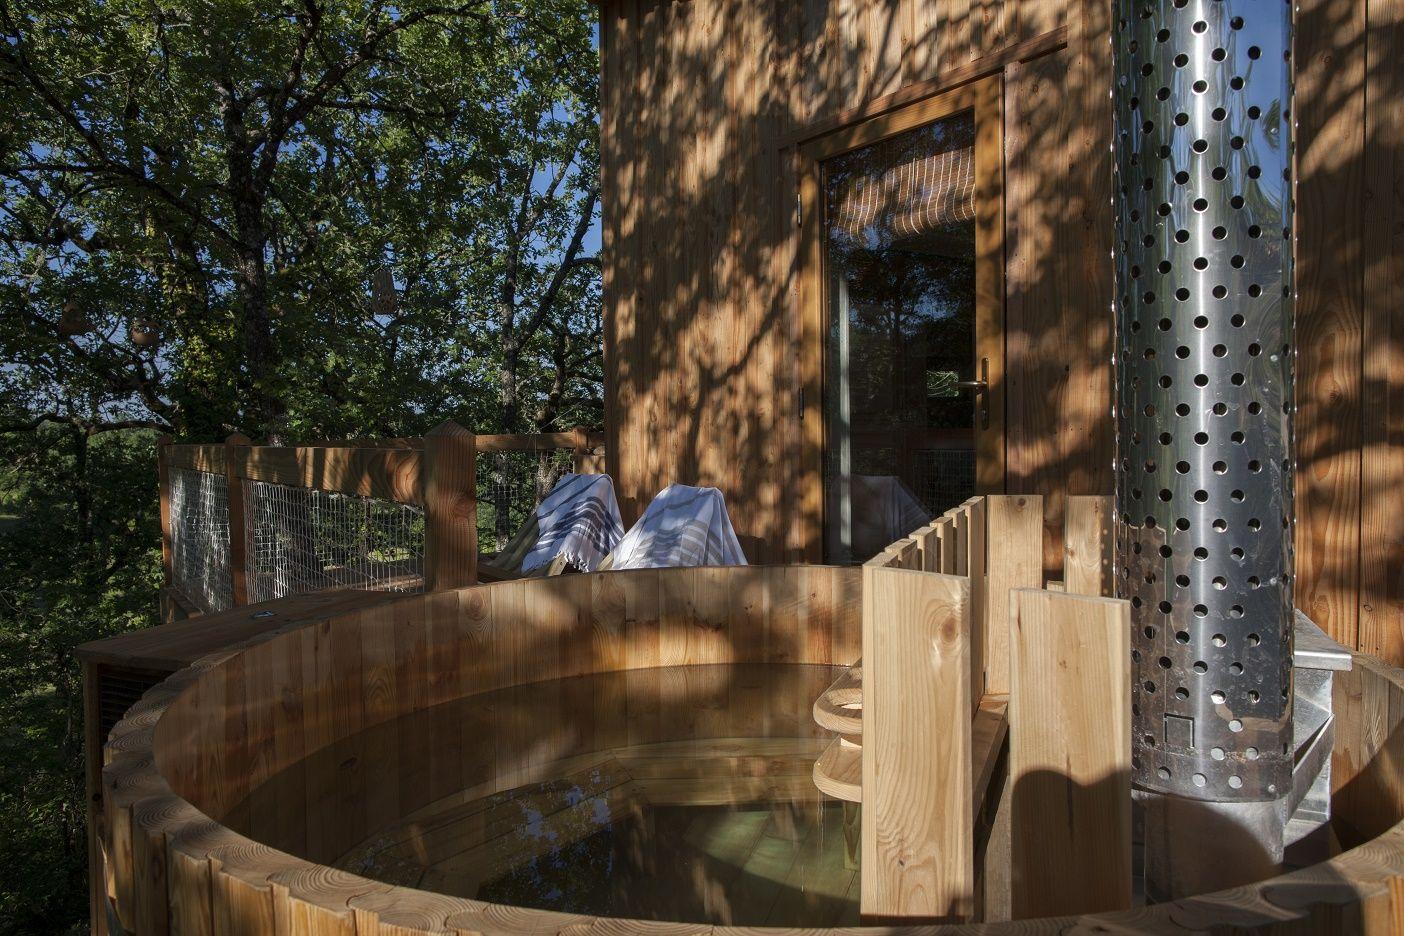 Cabanes Perchees Avec Spa Bain Nordique Et Sauna Privatifs Sejour Insolite Dans Un Domaine De Charme Cabane Spa Cabane Perchee Cabane